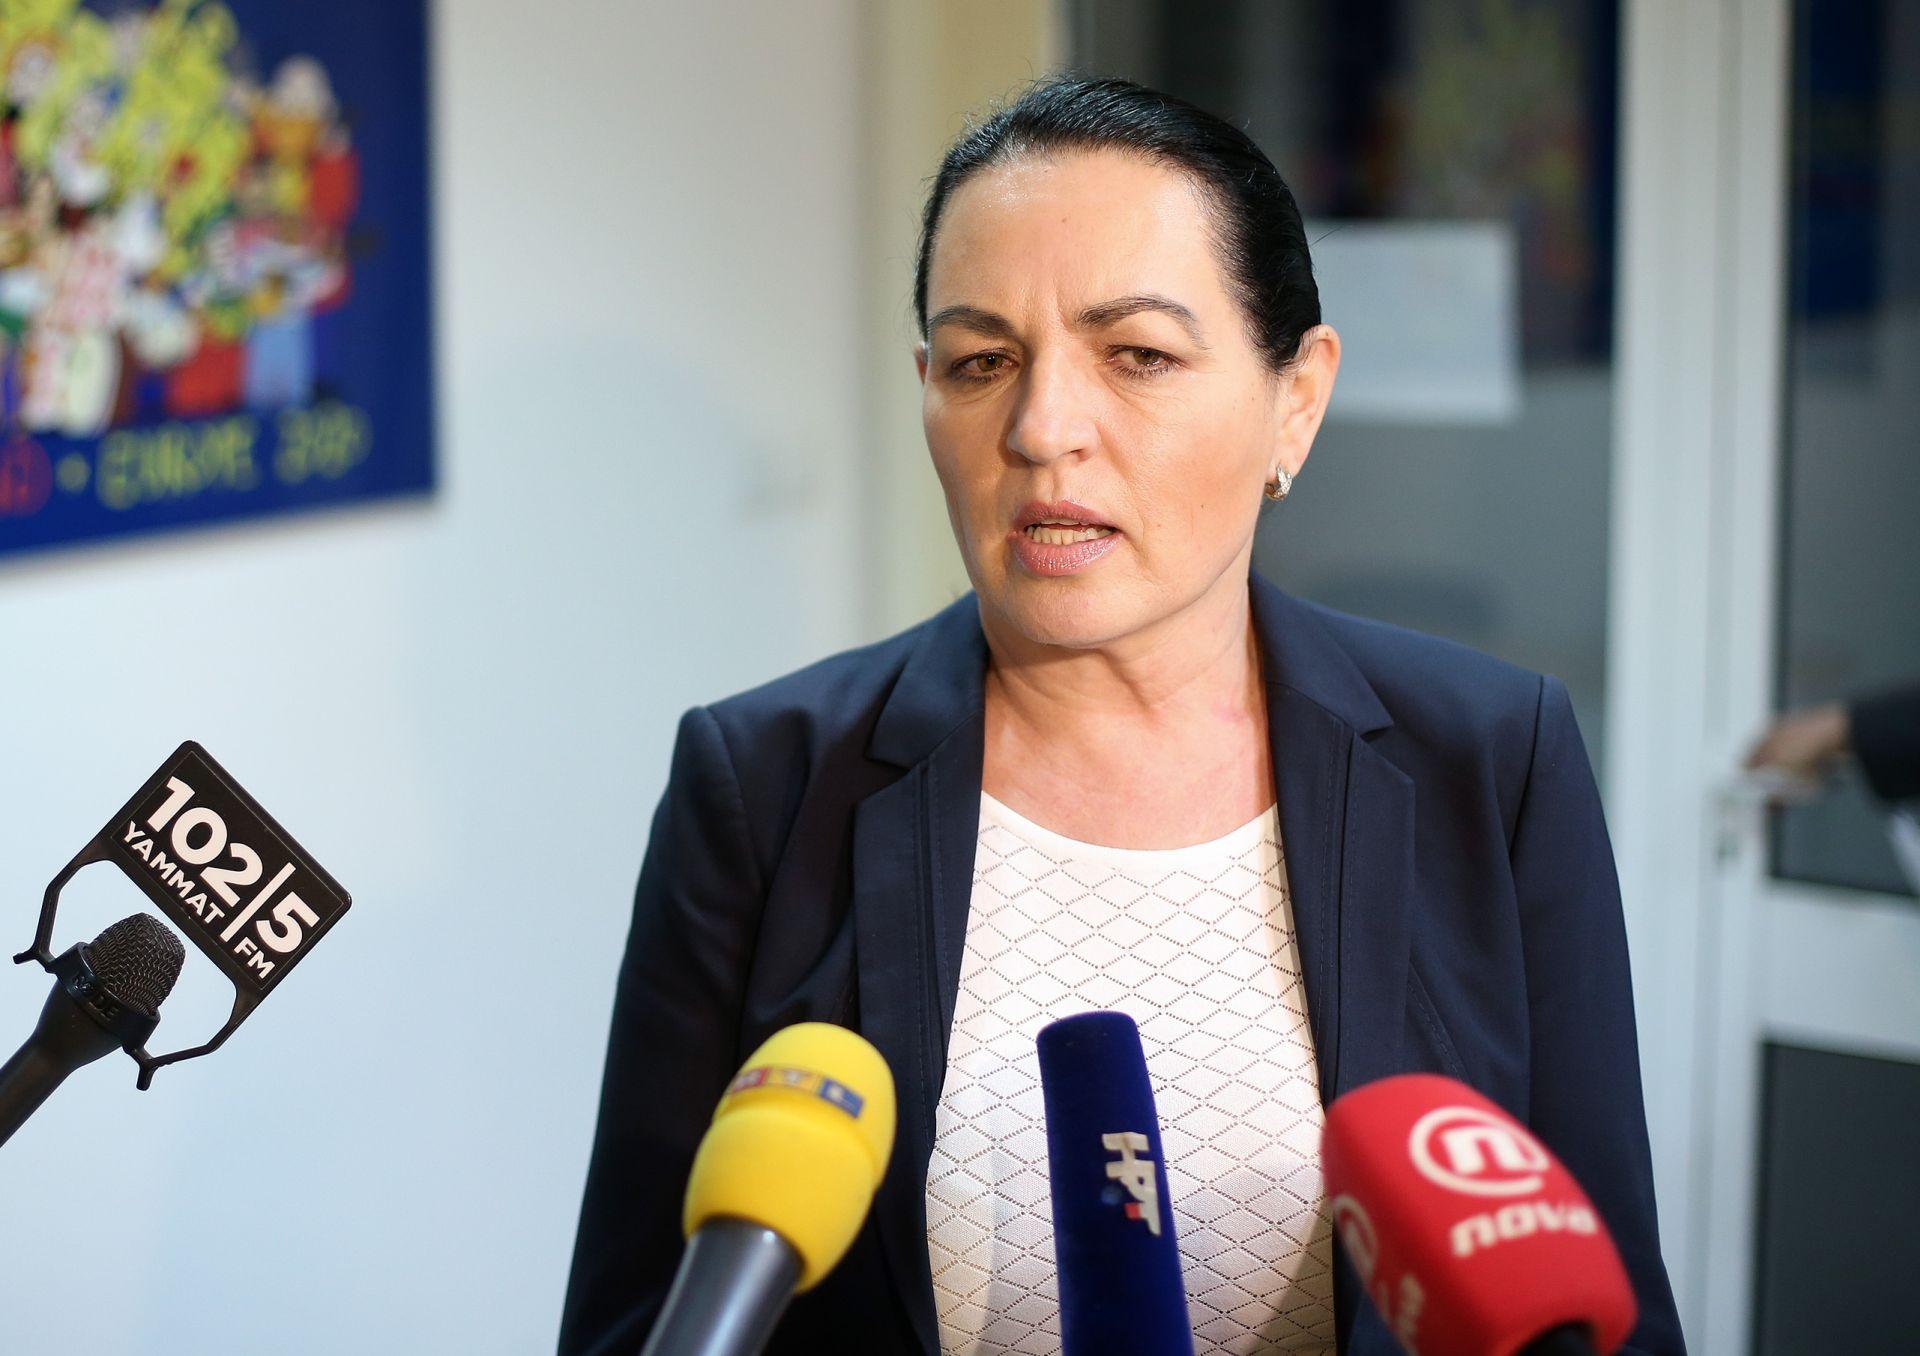 NAJAVLJENE ŠTEDNJE Jurlina Alibegović: Uštede u trošenju sredstava dužnosnika